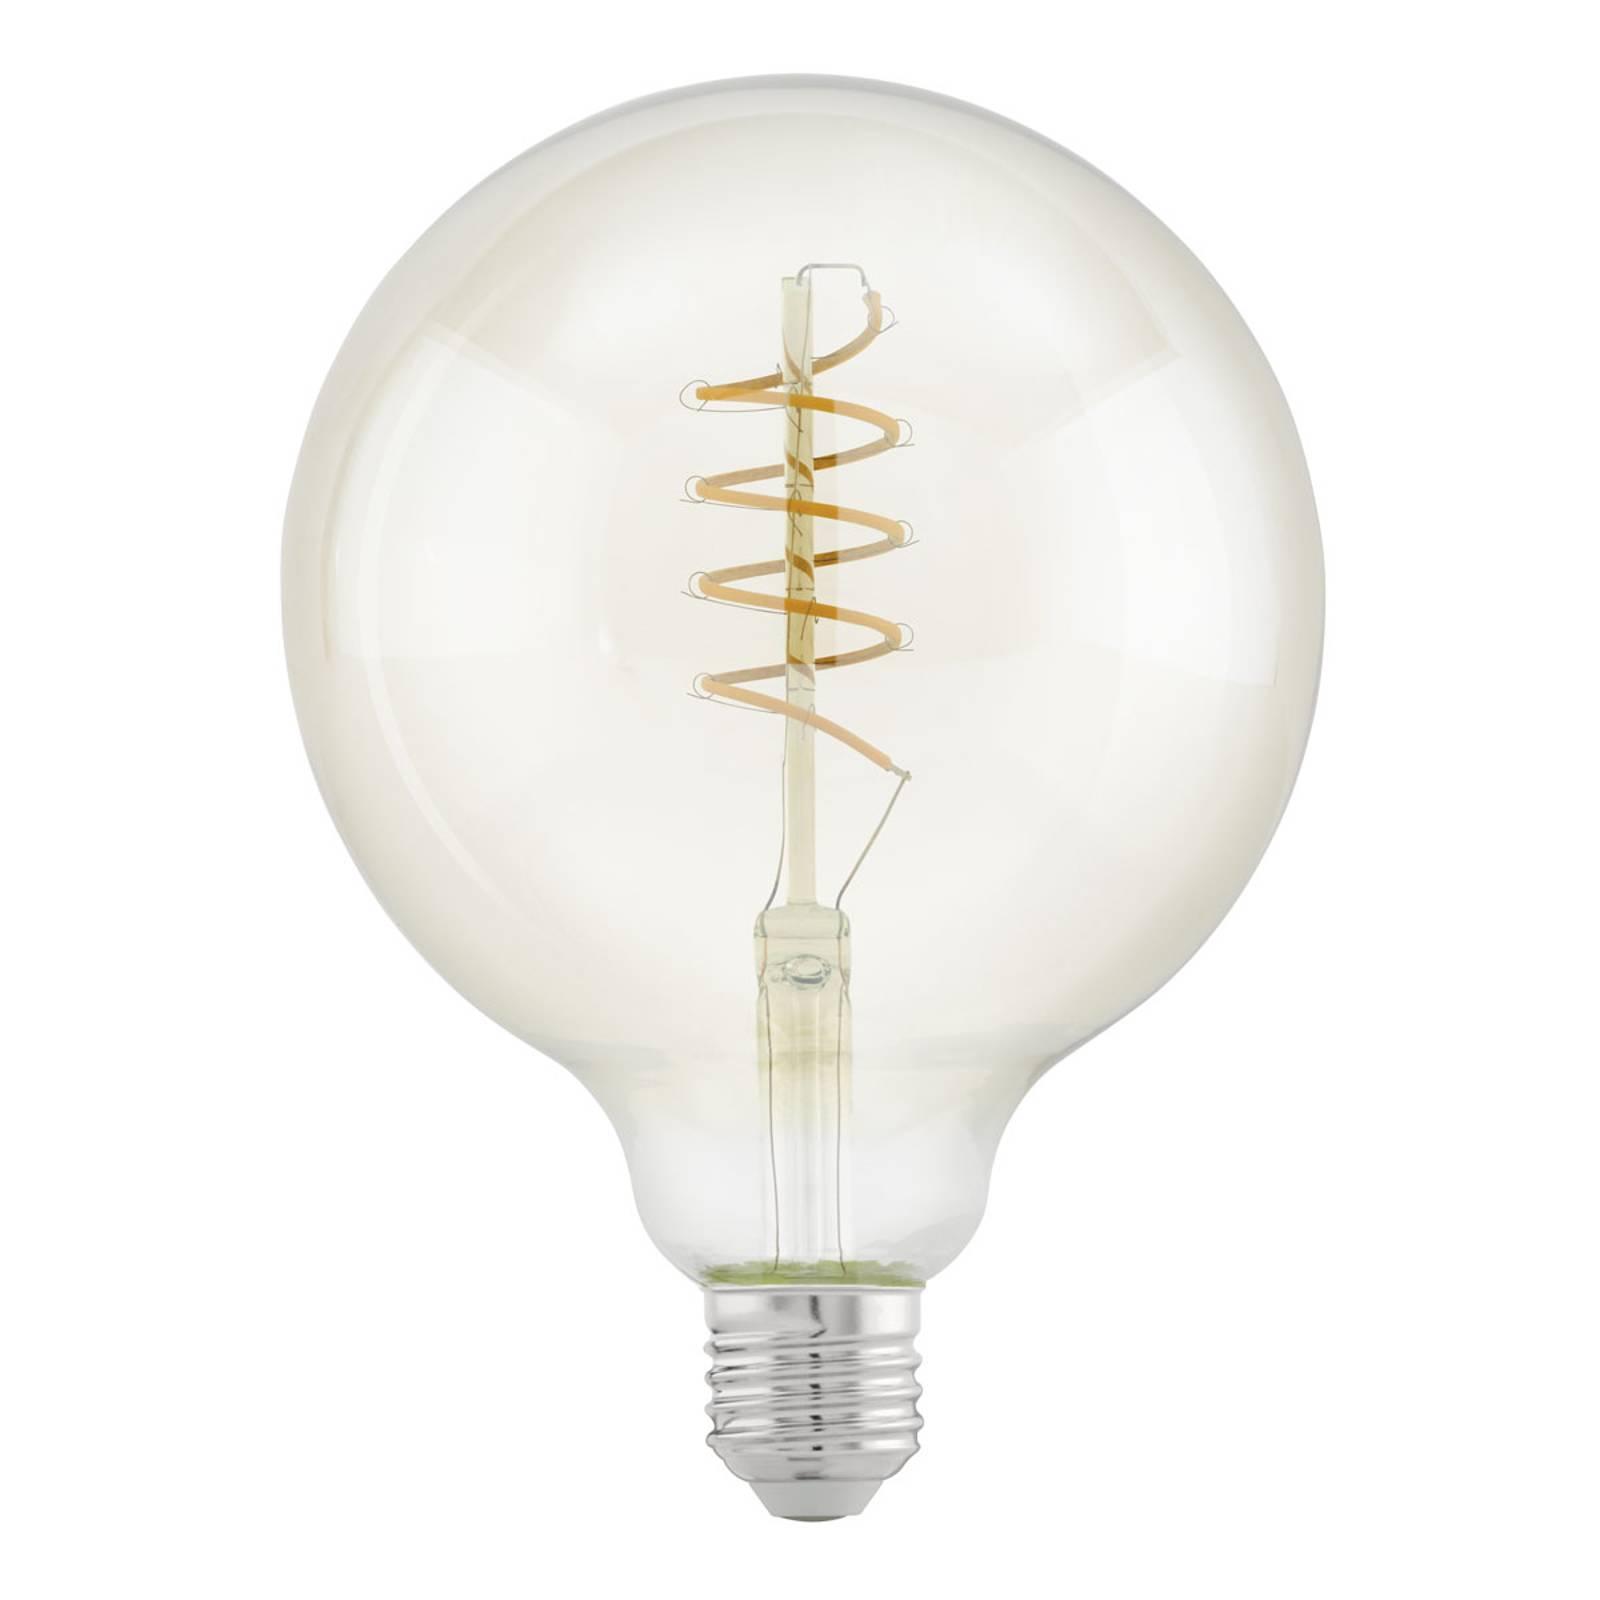 LED E27 G125 4W spirale, bianco caldo, trasparente